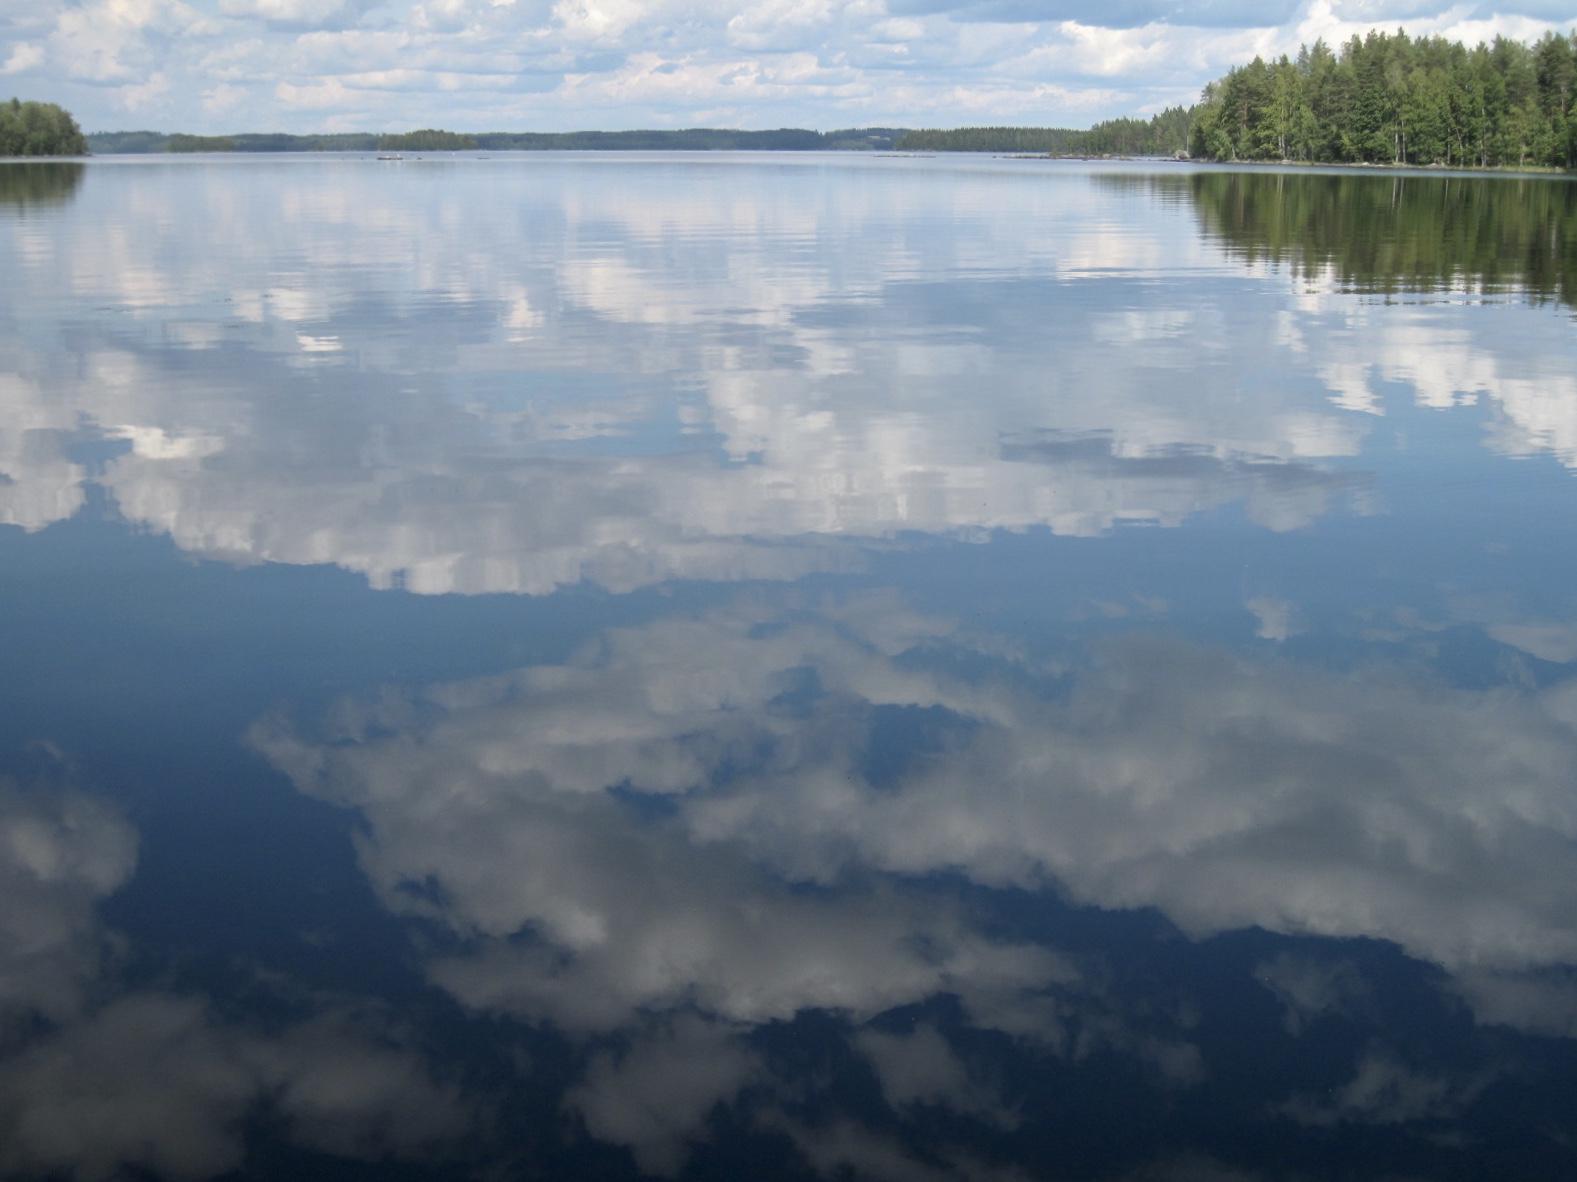 Järven pintaan heijastuvia pilviä.